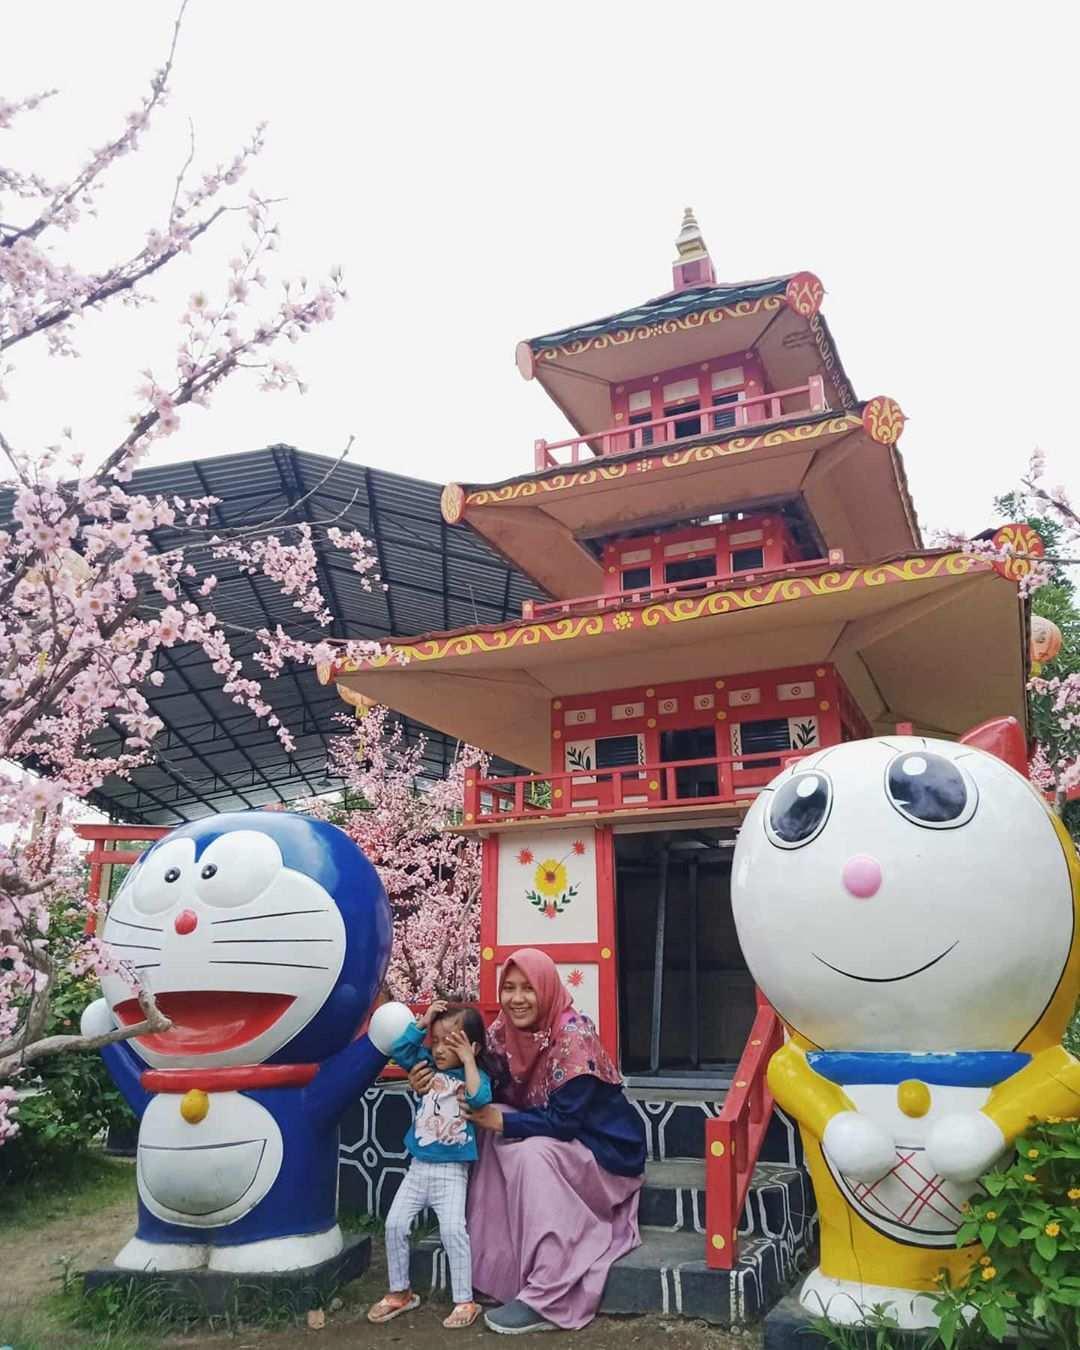 Berfoto Bersama Patung Doraemon di Istana Sakura Blitar, Image From @syifa_izzati